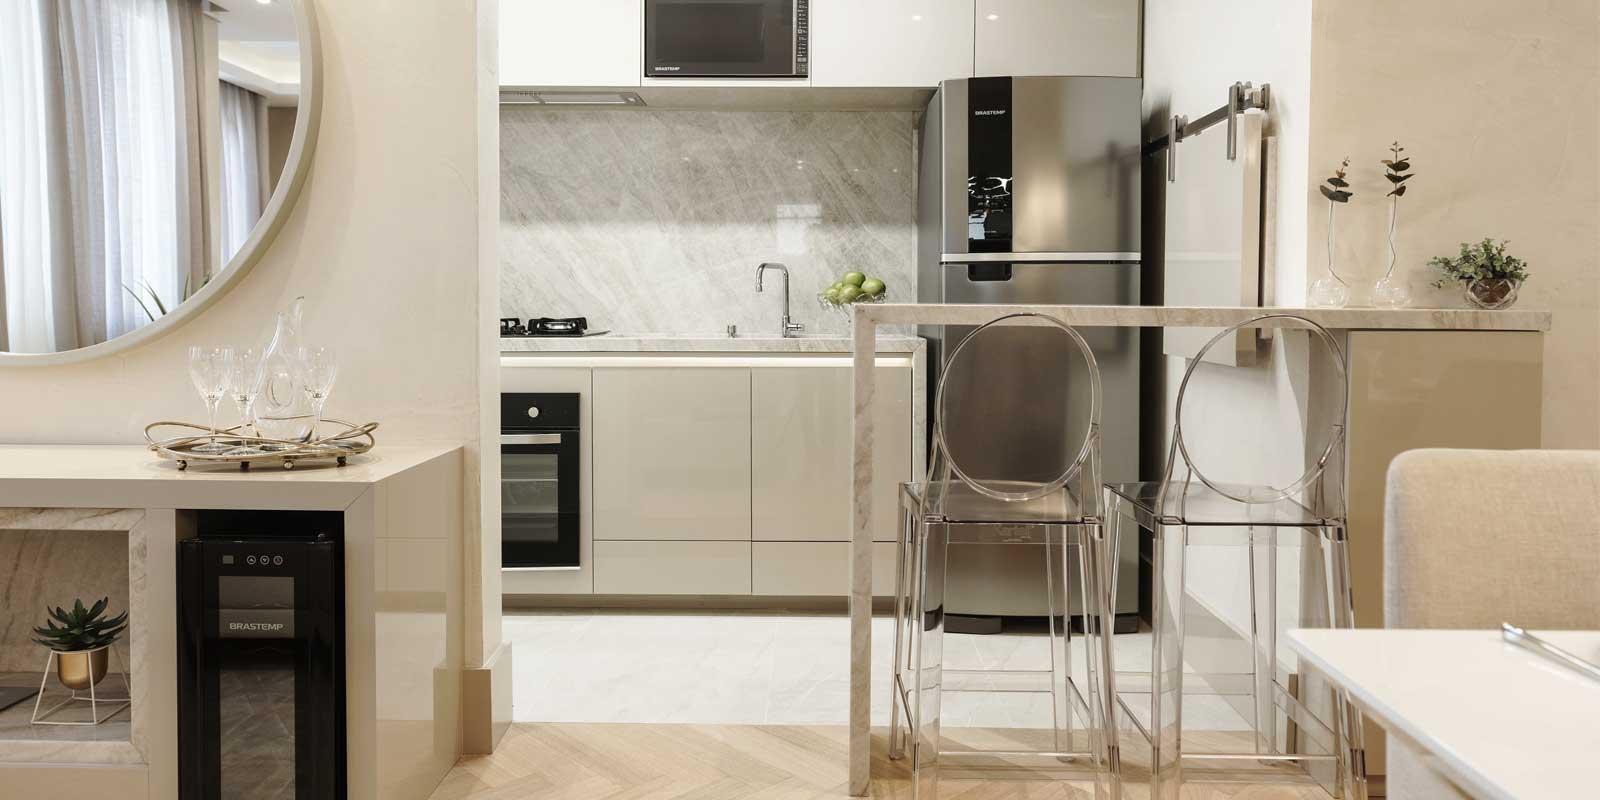 TPS Imóveis - Veja Foto 23 de 32 do Apartamentos de 2 e 3 dormitórios com suíte